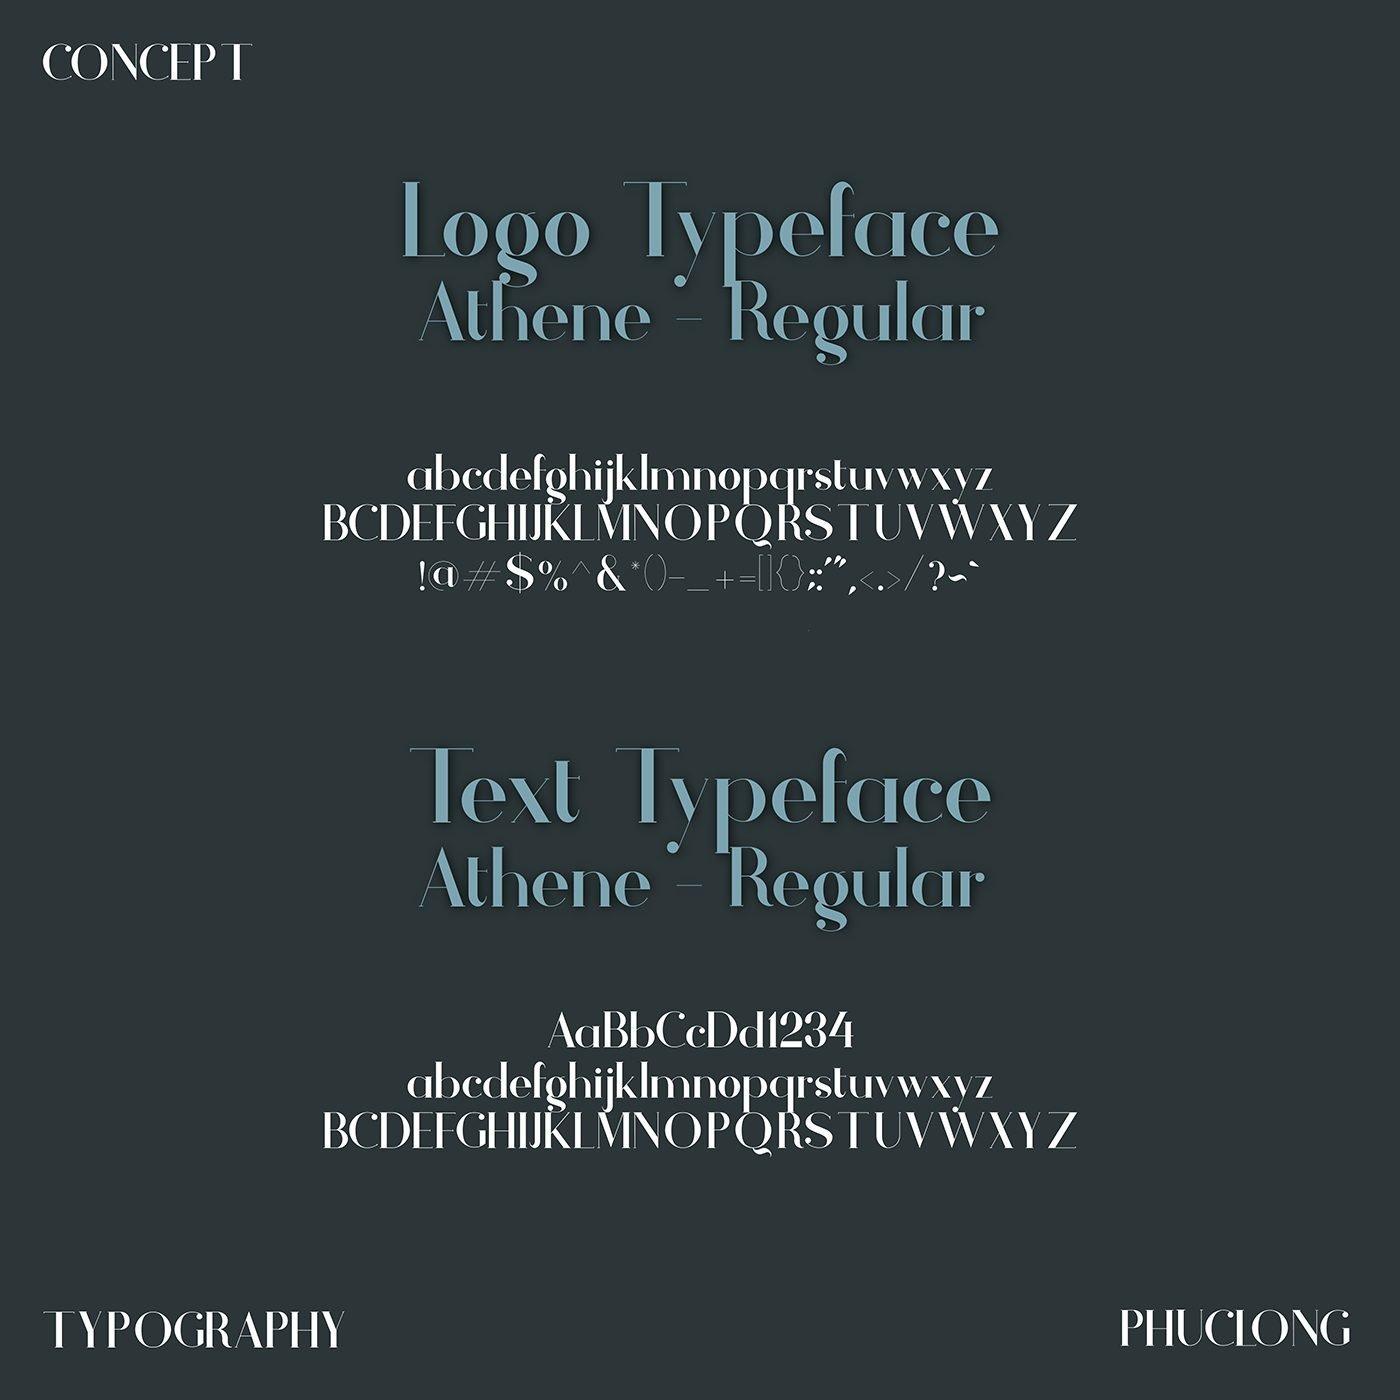 branding font chữ typeface cho thương hiệu thiết kế nhận diện thương hiệu xây dựng logo doanh nghiệp thiết kế ấn phẩm quảng cáo thương hiệu thiết kế Helixgram Saigon